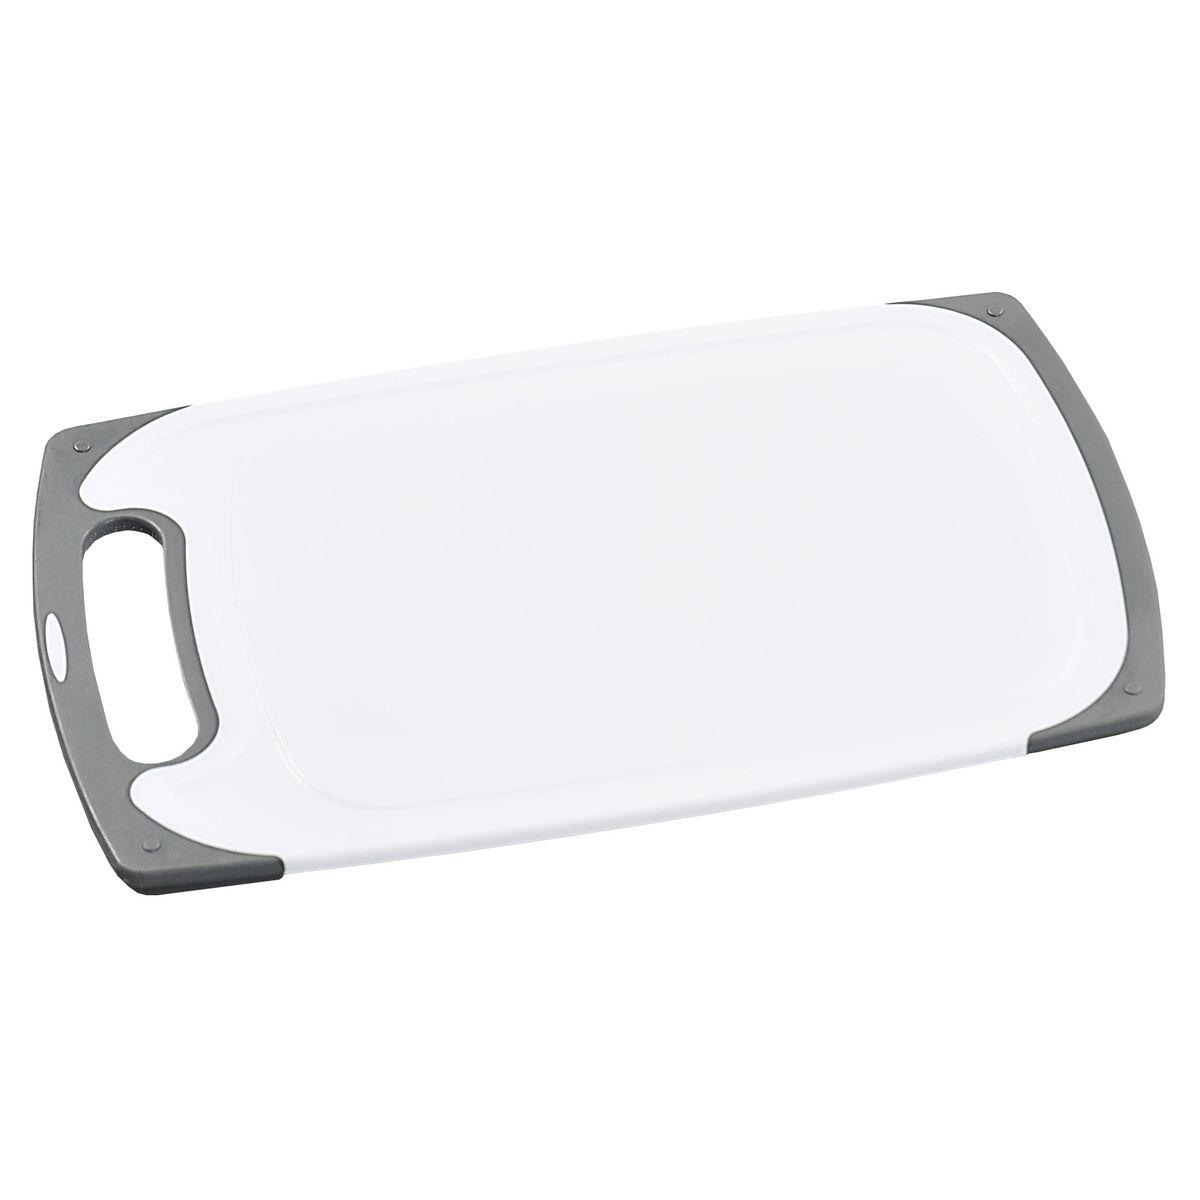 Доска разделочная Kesper, цвет: белый, серый, 31,5 см х 19,5 см х 1 см доска сервировочная kesper 20 х 20 х 0 7 см 2 шт